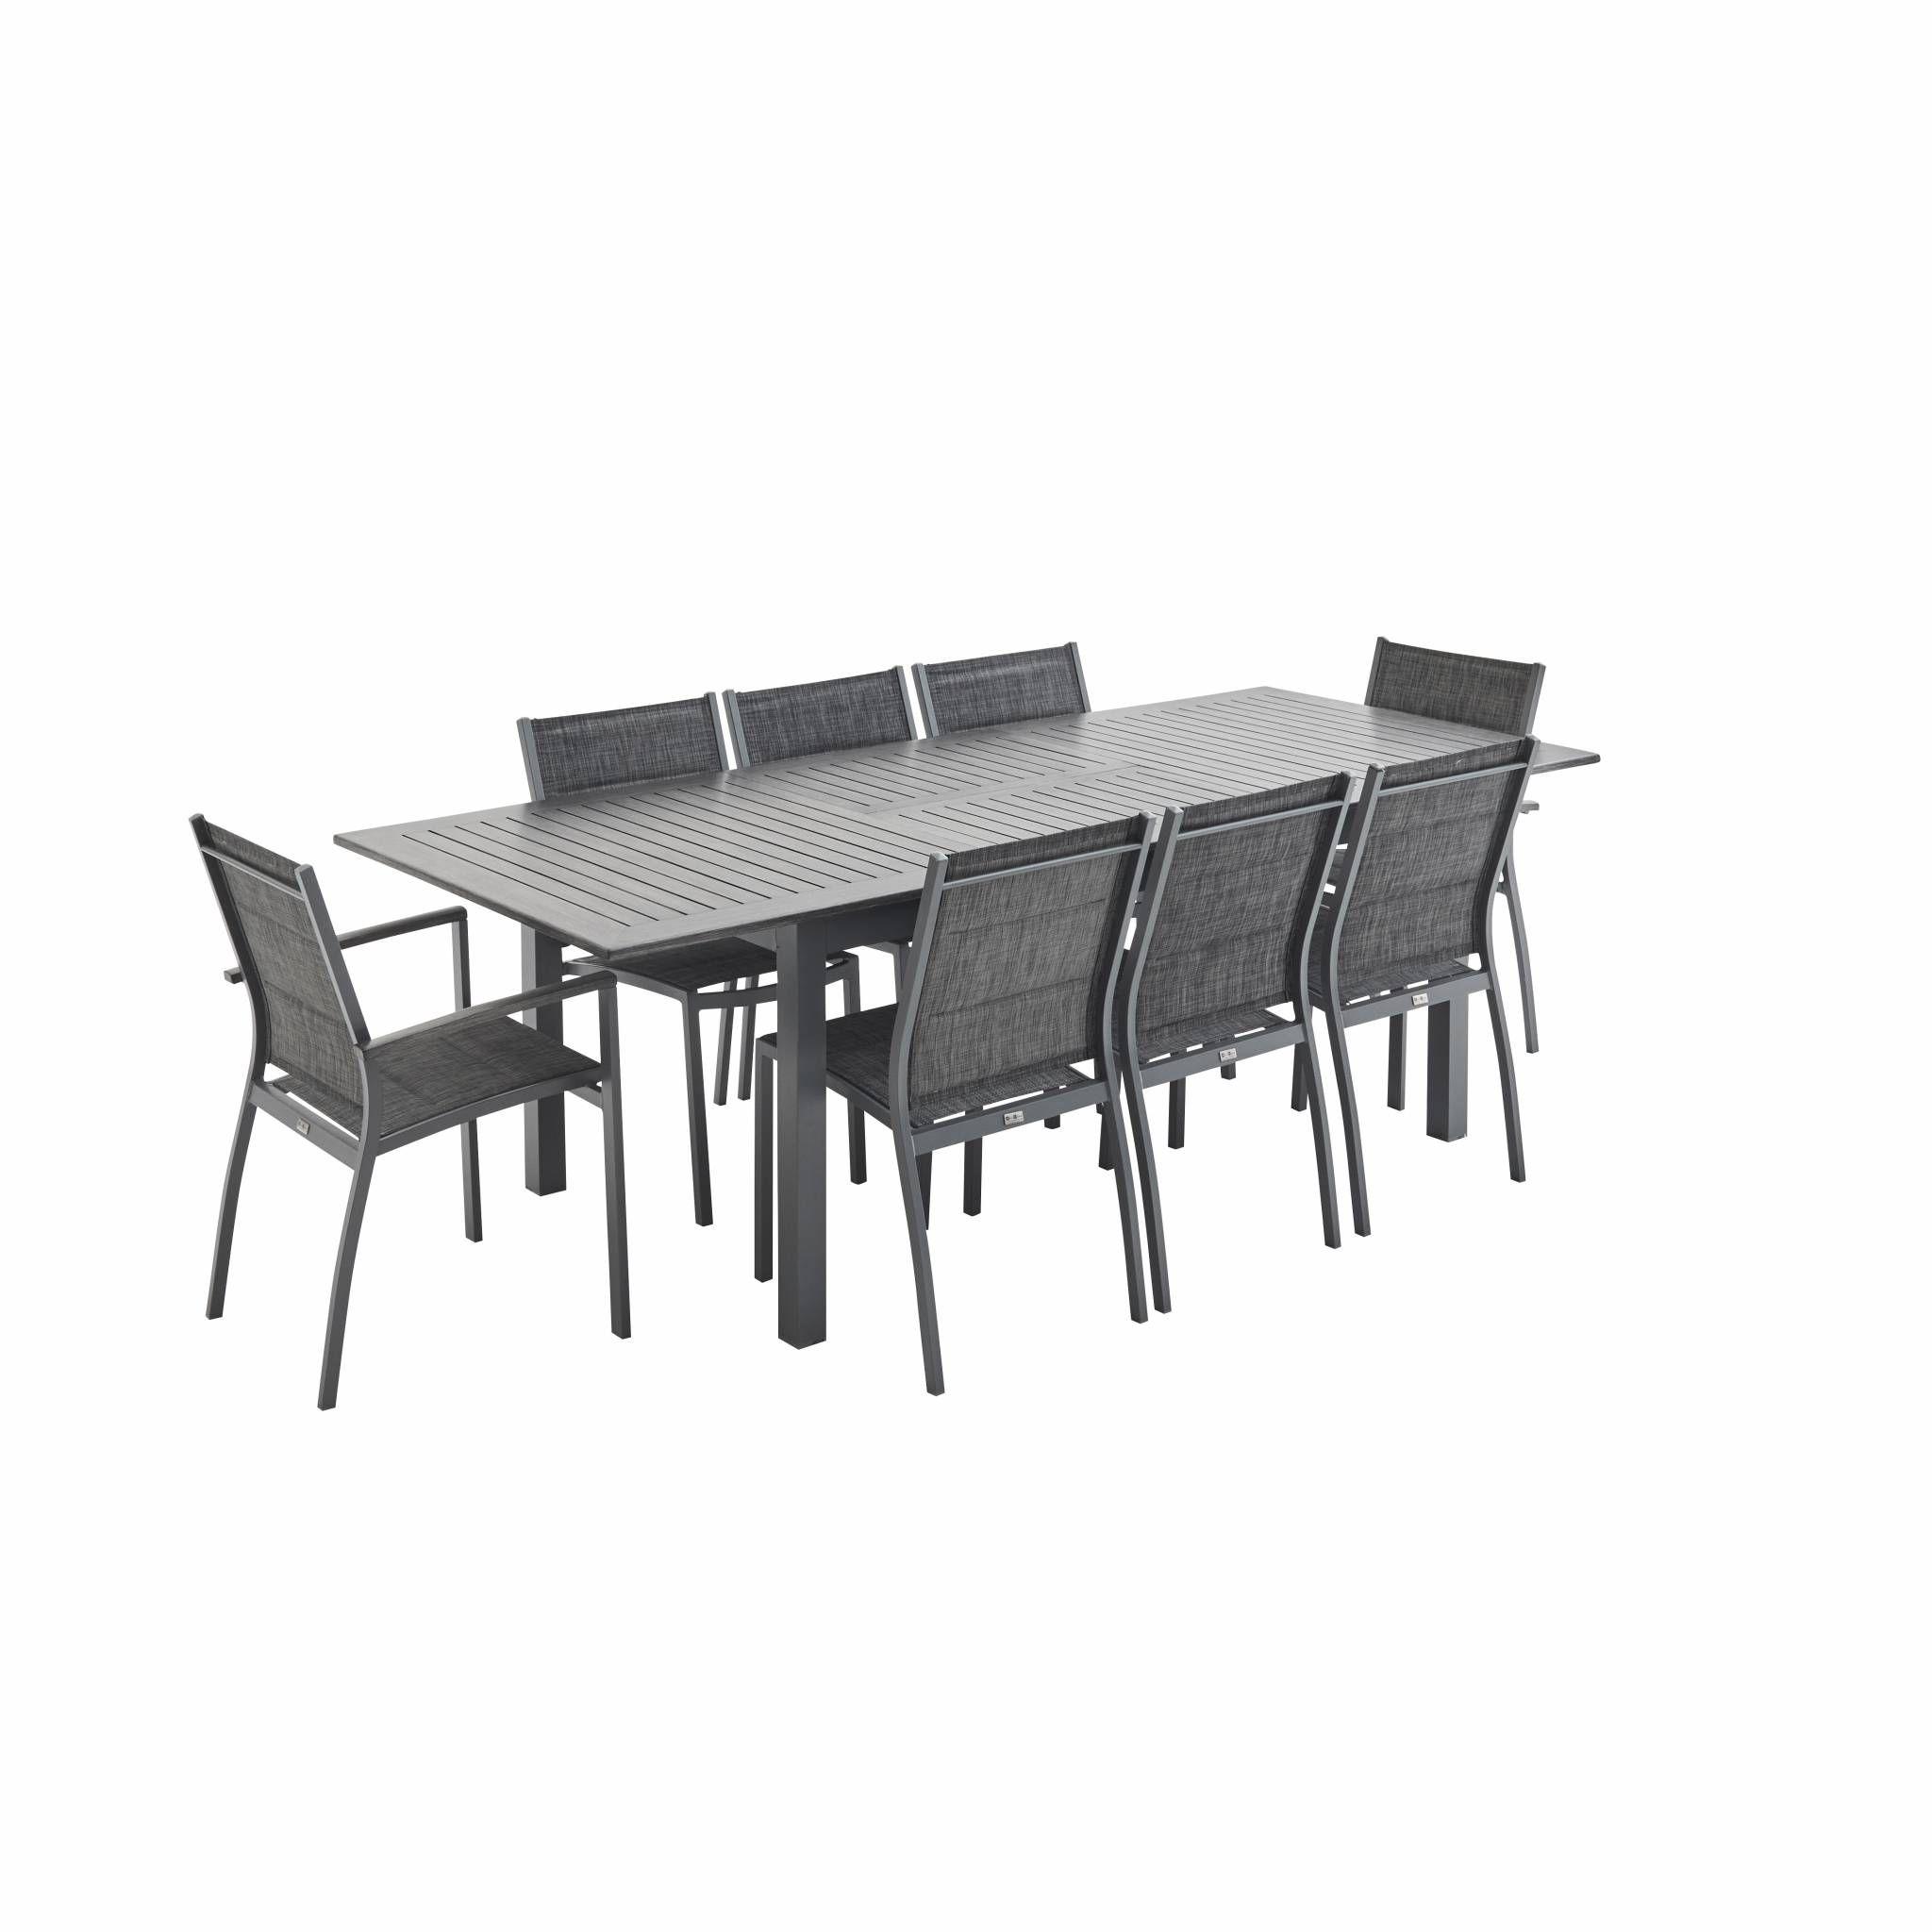 Ensemble table et chaise de jardin Salon de jardin 8 places table à rallonge extensib